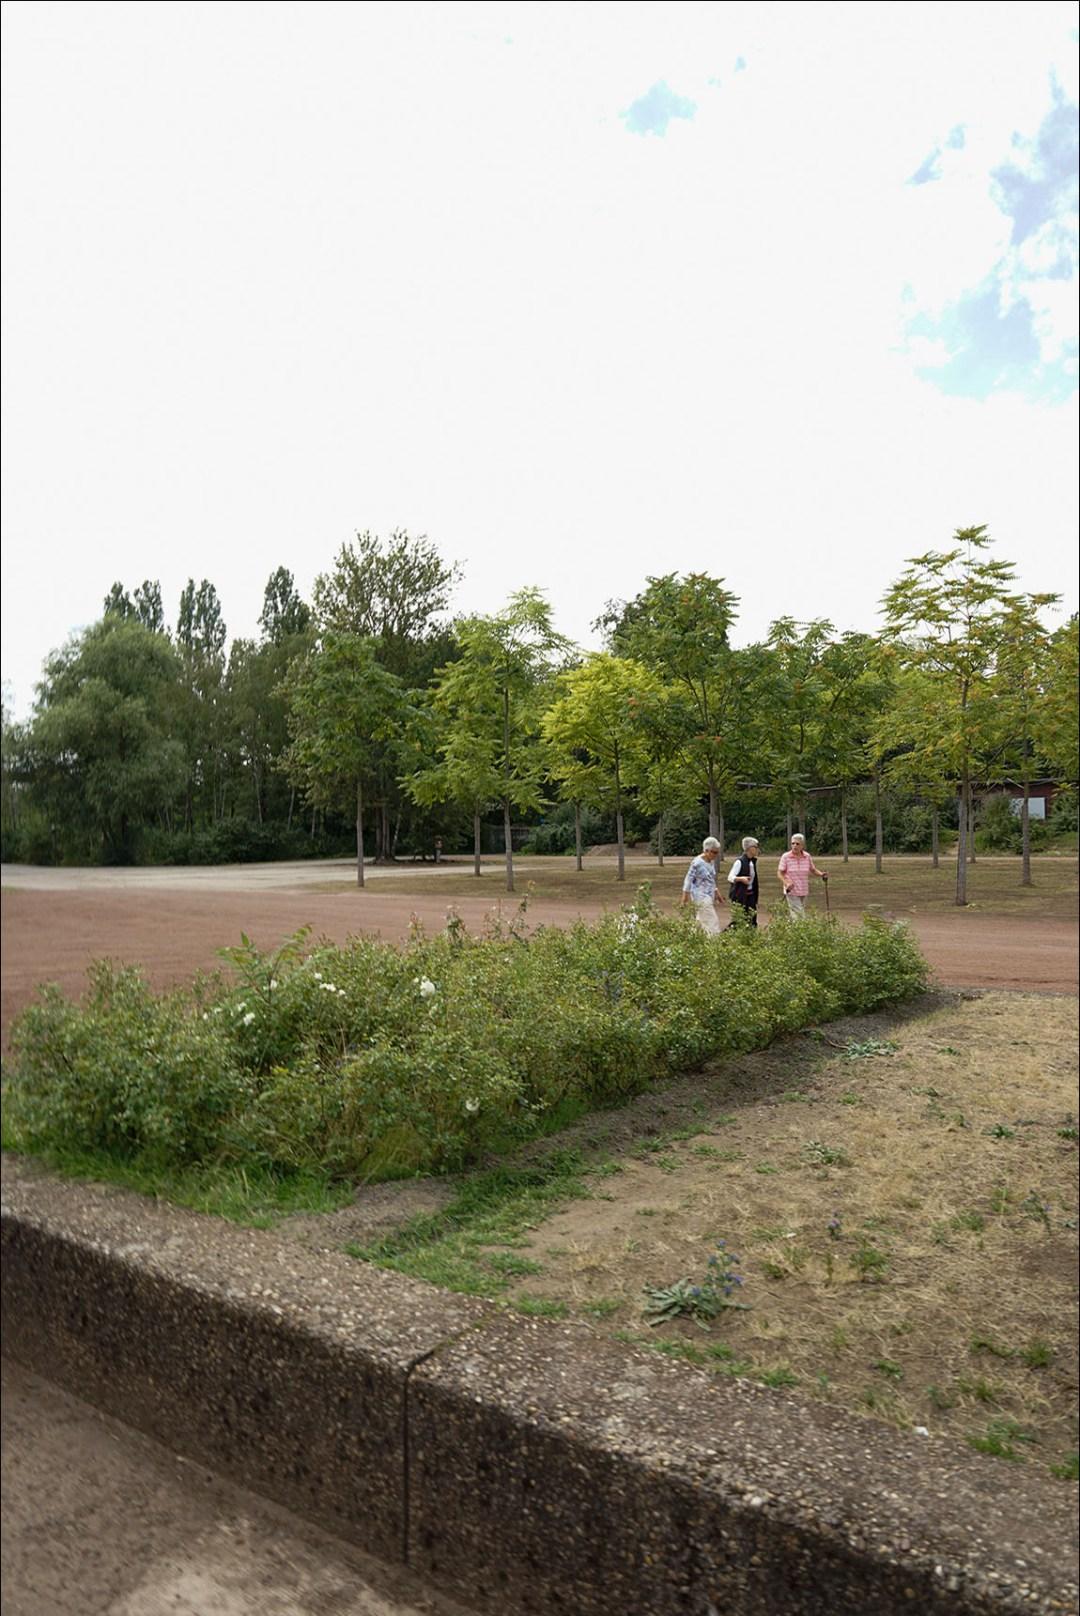 Wolfgang Ahens Spaziergang im Landschaftspark I 2019